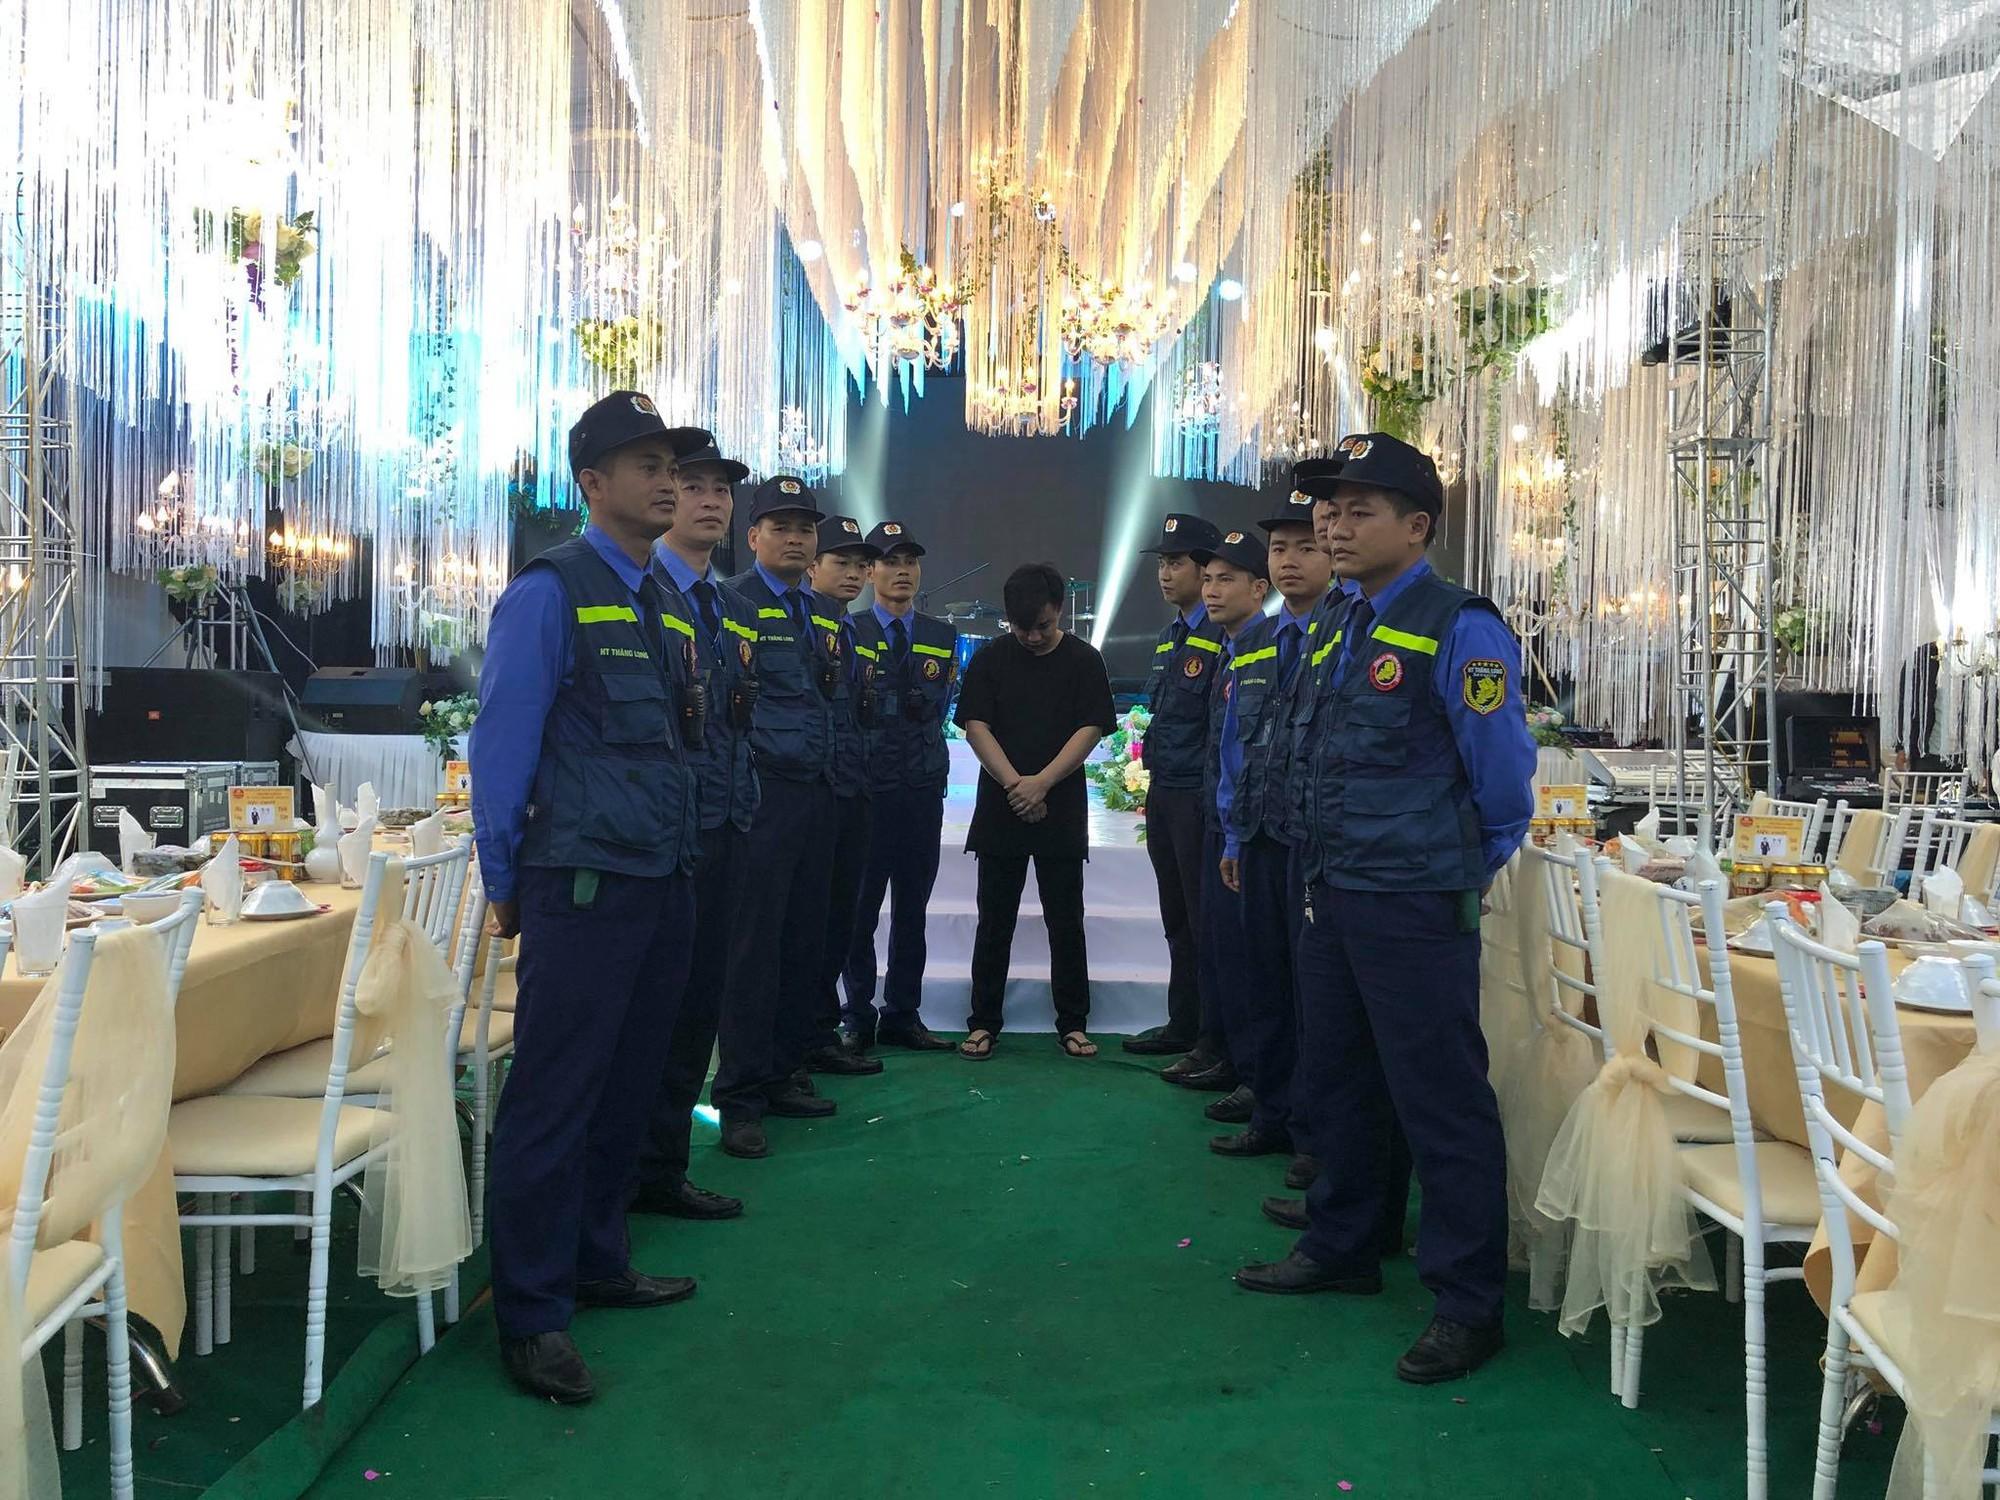 Mr. Đàm, Lam Trường lặn lội về tận quê Hữu Công dự đám cưới, có cả dàn vệ sĩ thắt chặt an ninh ở sự kiện 9